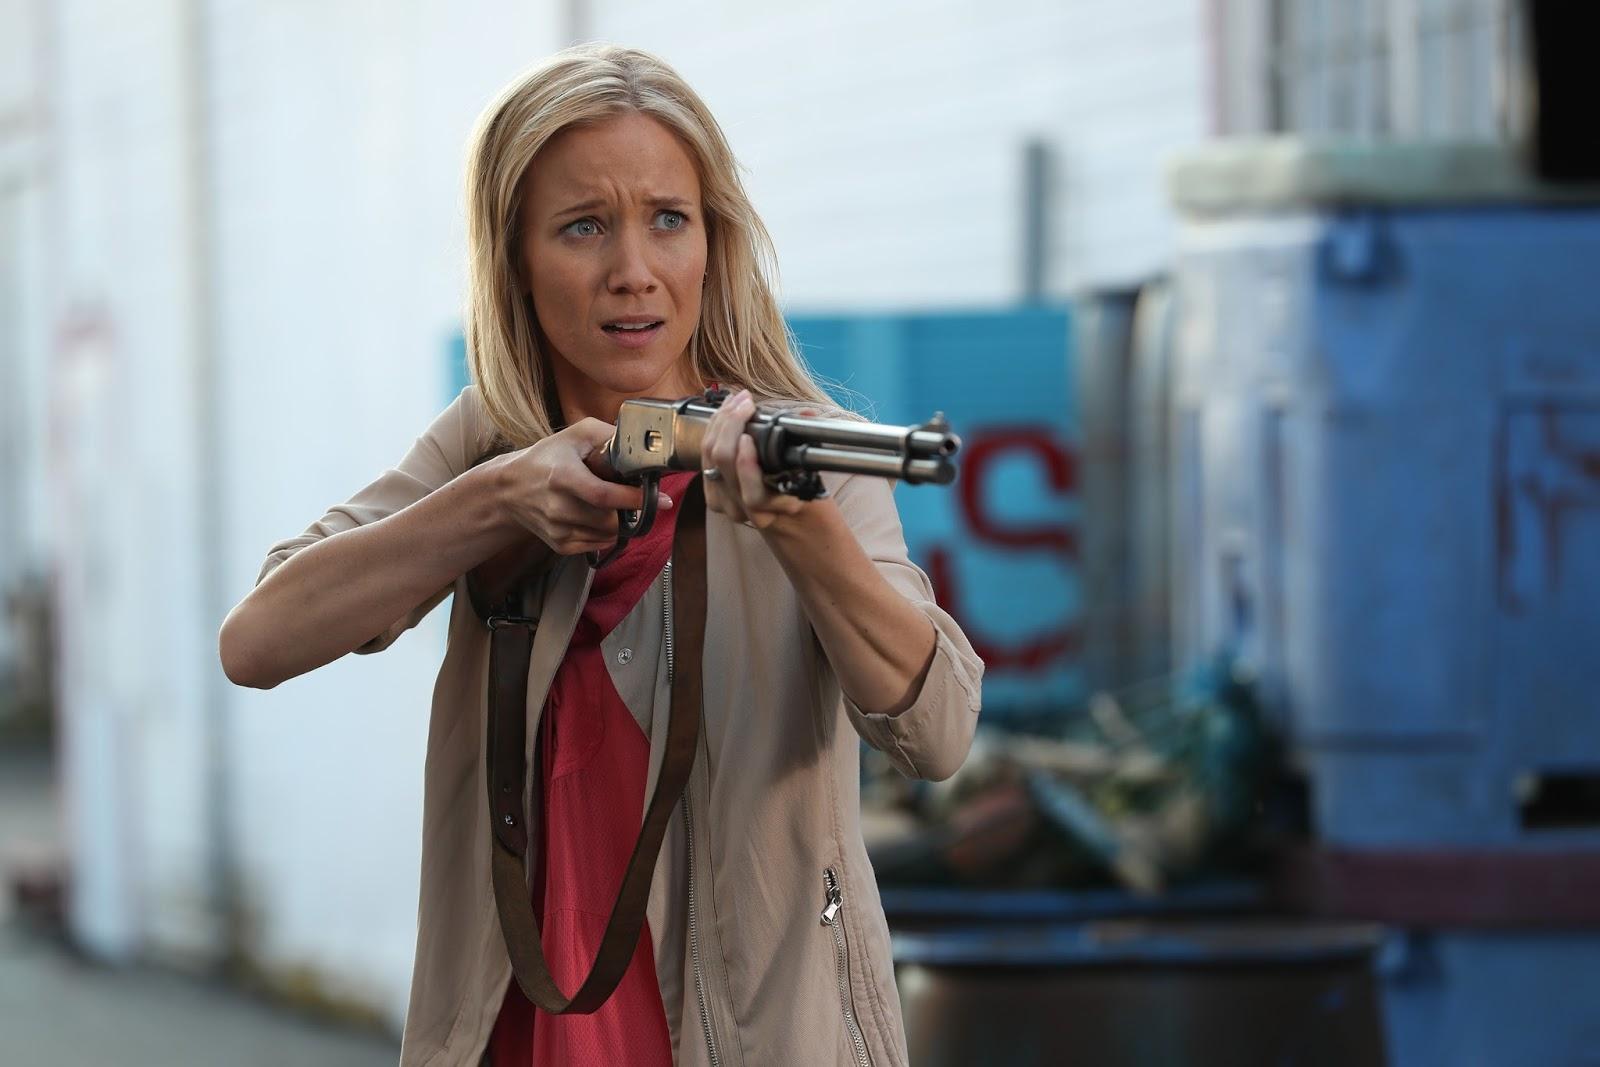 Crítica OUAT 6x03. Ashley busca a su hermanastra con un arma y todos creen que va a matarla